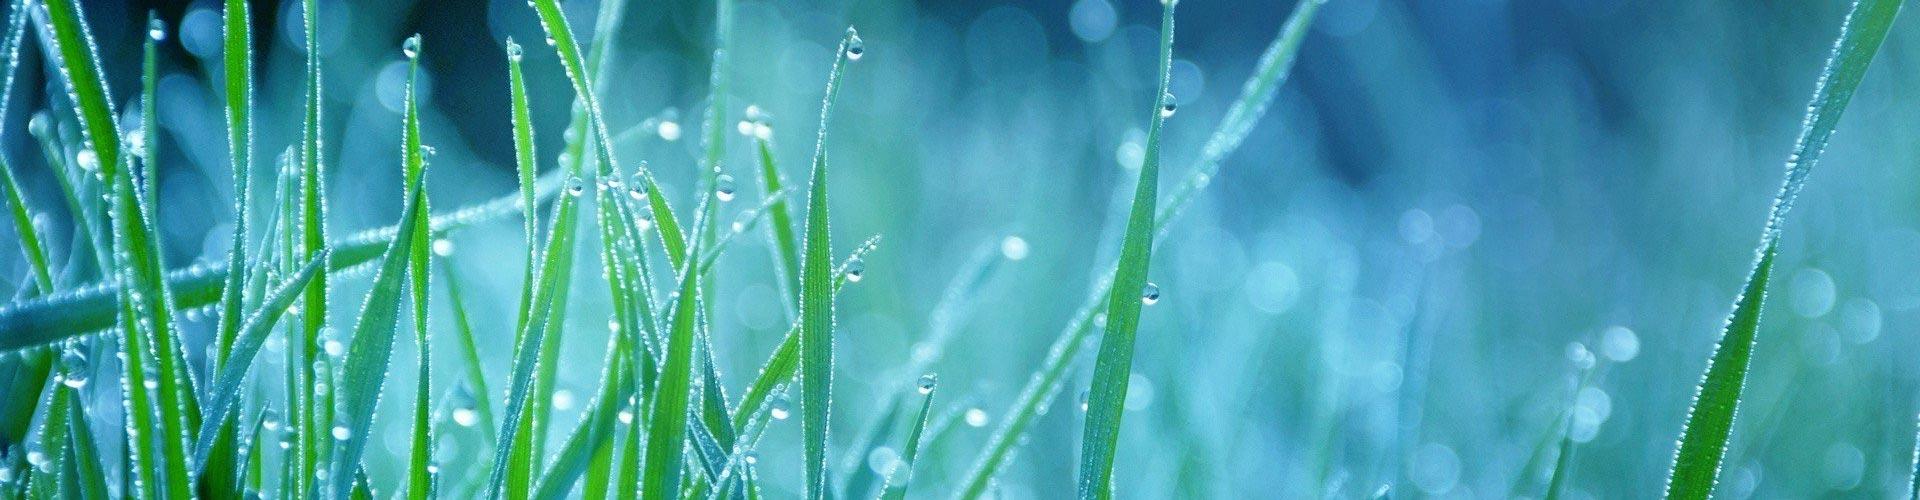 Oferta: deszczownia, deszczownia bębnowa, deszczownie, deszczownie szpulowe